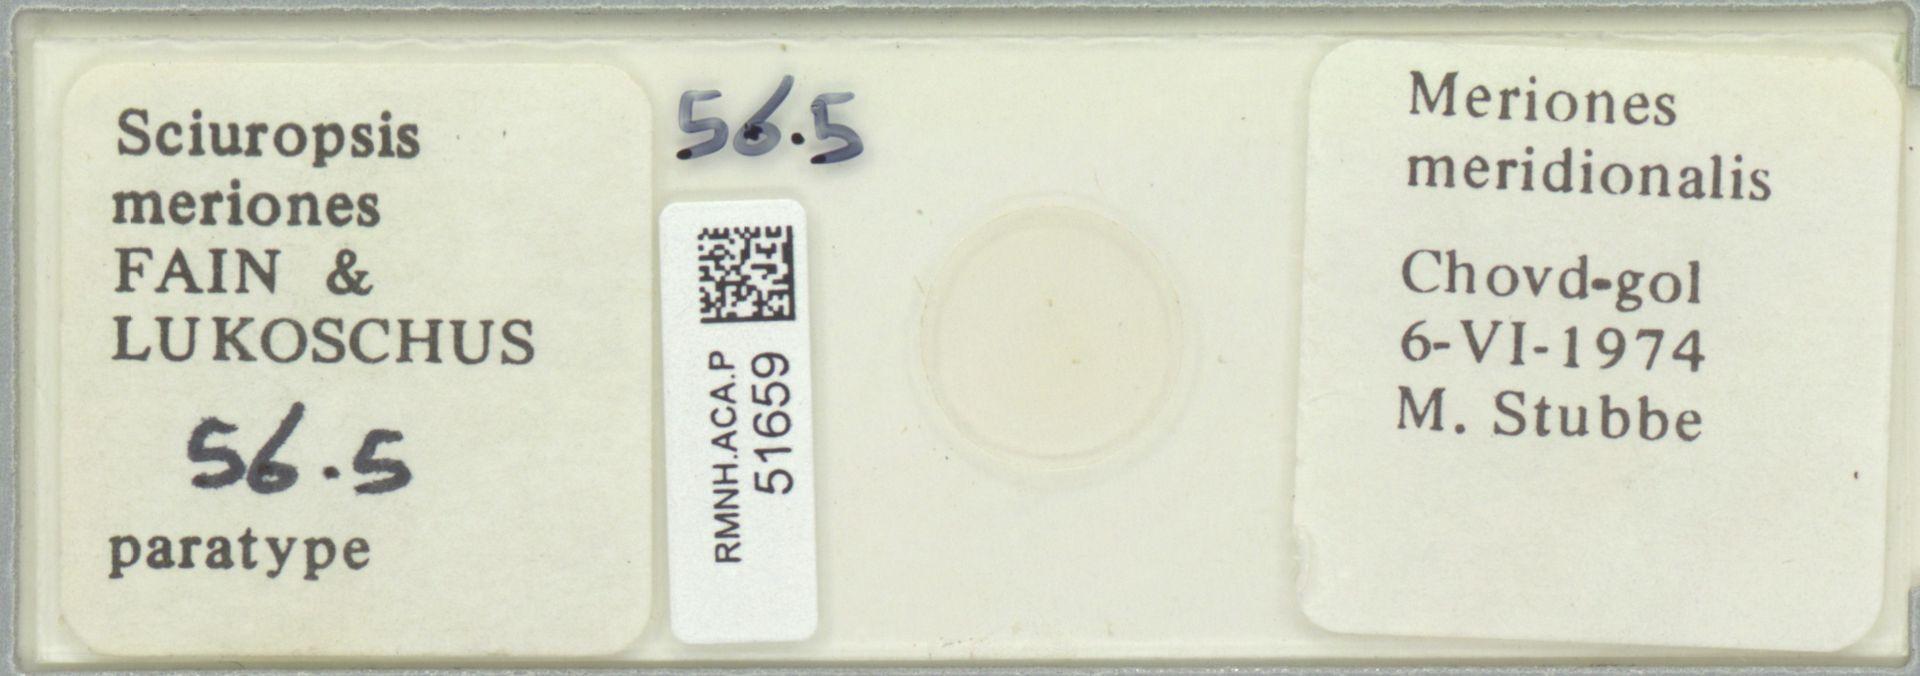 RMNH.ACA.P.51659 | Sciuropsis meriones Fain & Lukoschus